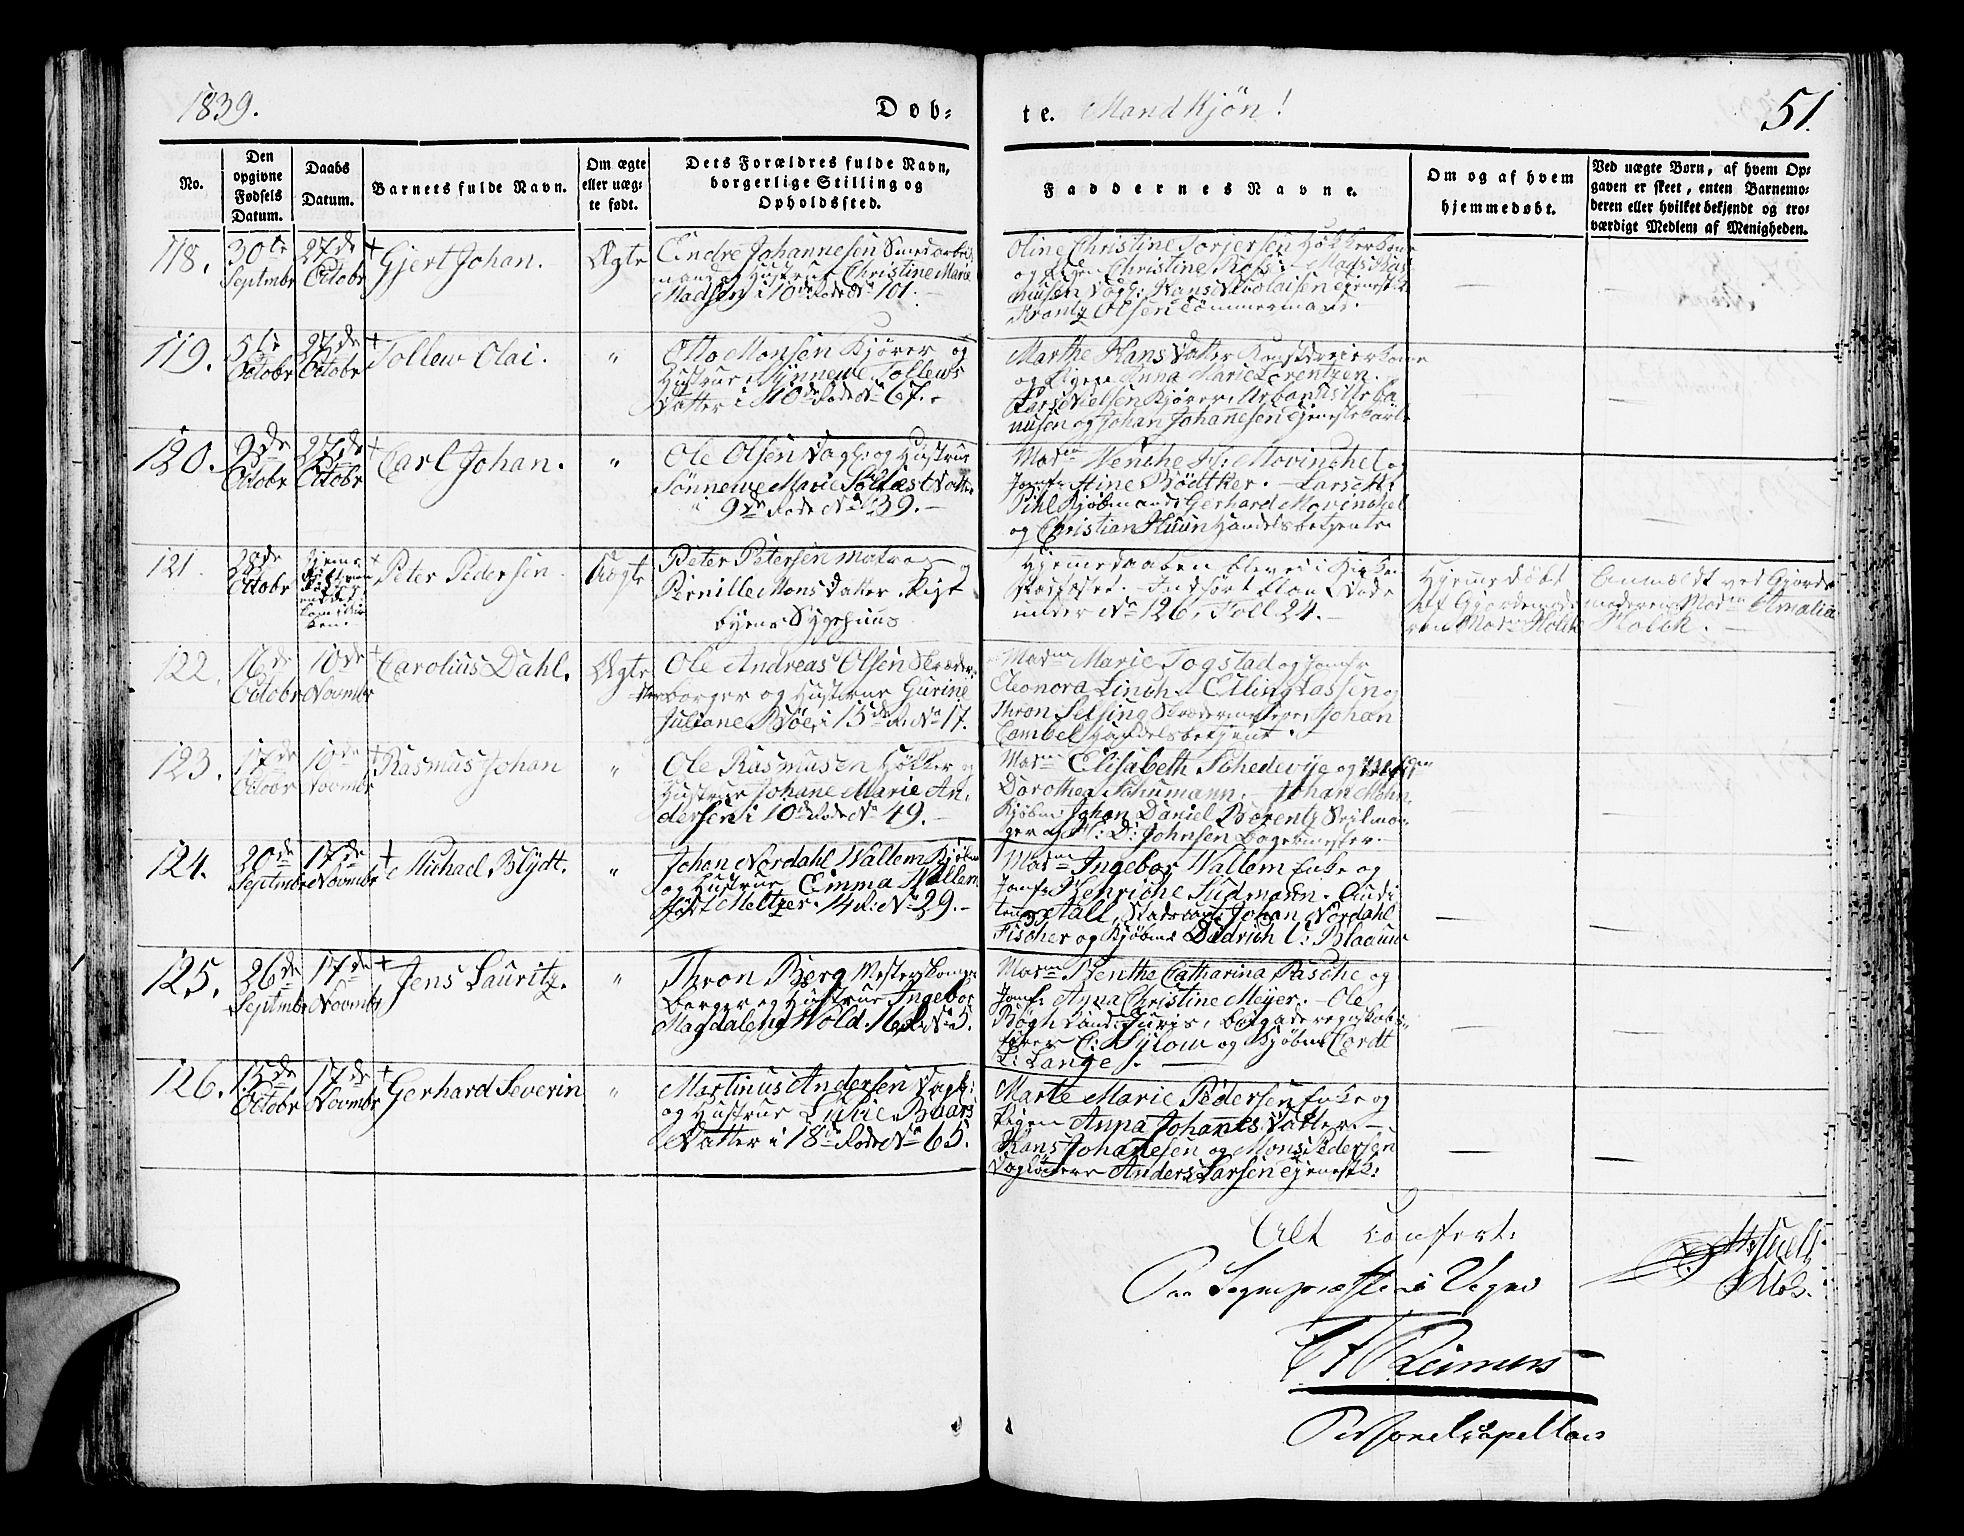 SAB, Domkirken sokneprestembete, H/Hab/L0008: Klokkerbok nr. B 1, 1836-1841, s. 51